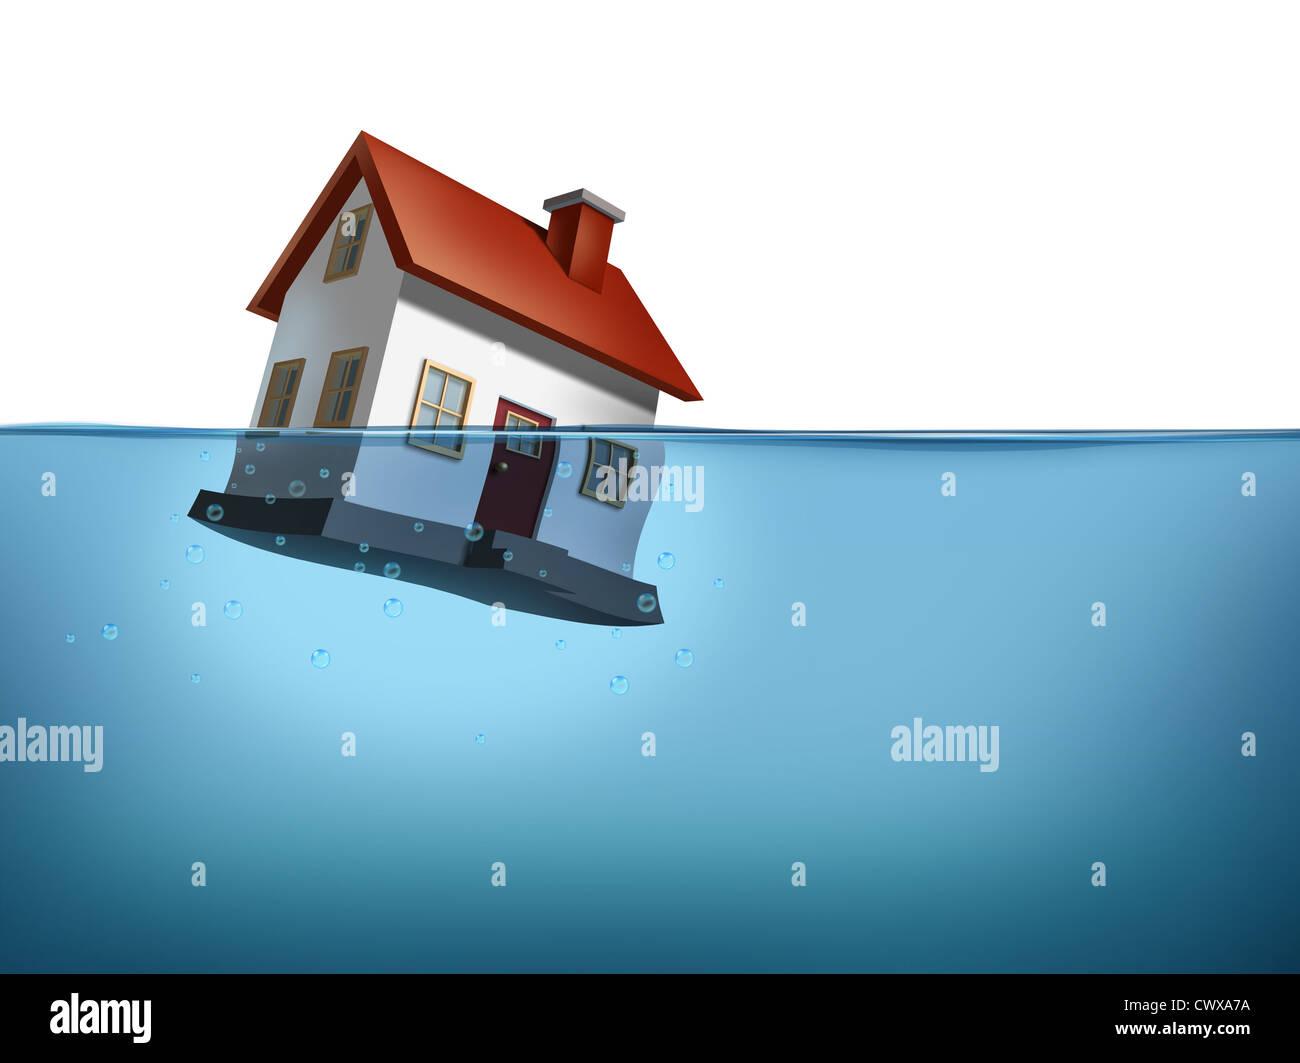 Haus und Immobilienkrise mit einem Haus im Wasser auf einem weißen Hintergrund zeigt das Immobilien-Gehäusekonzept Stockbild